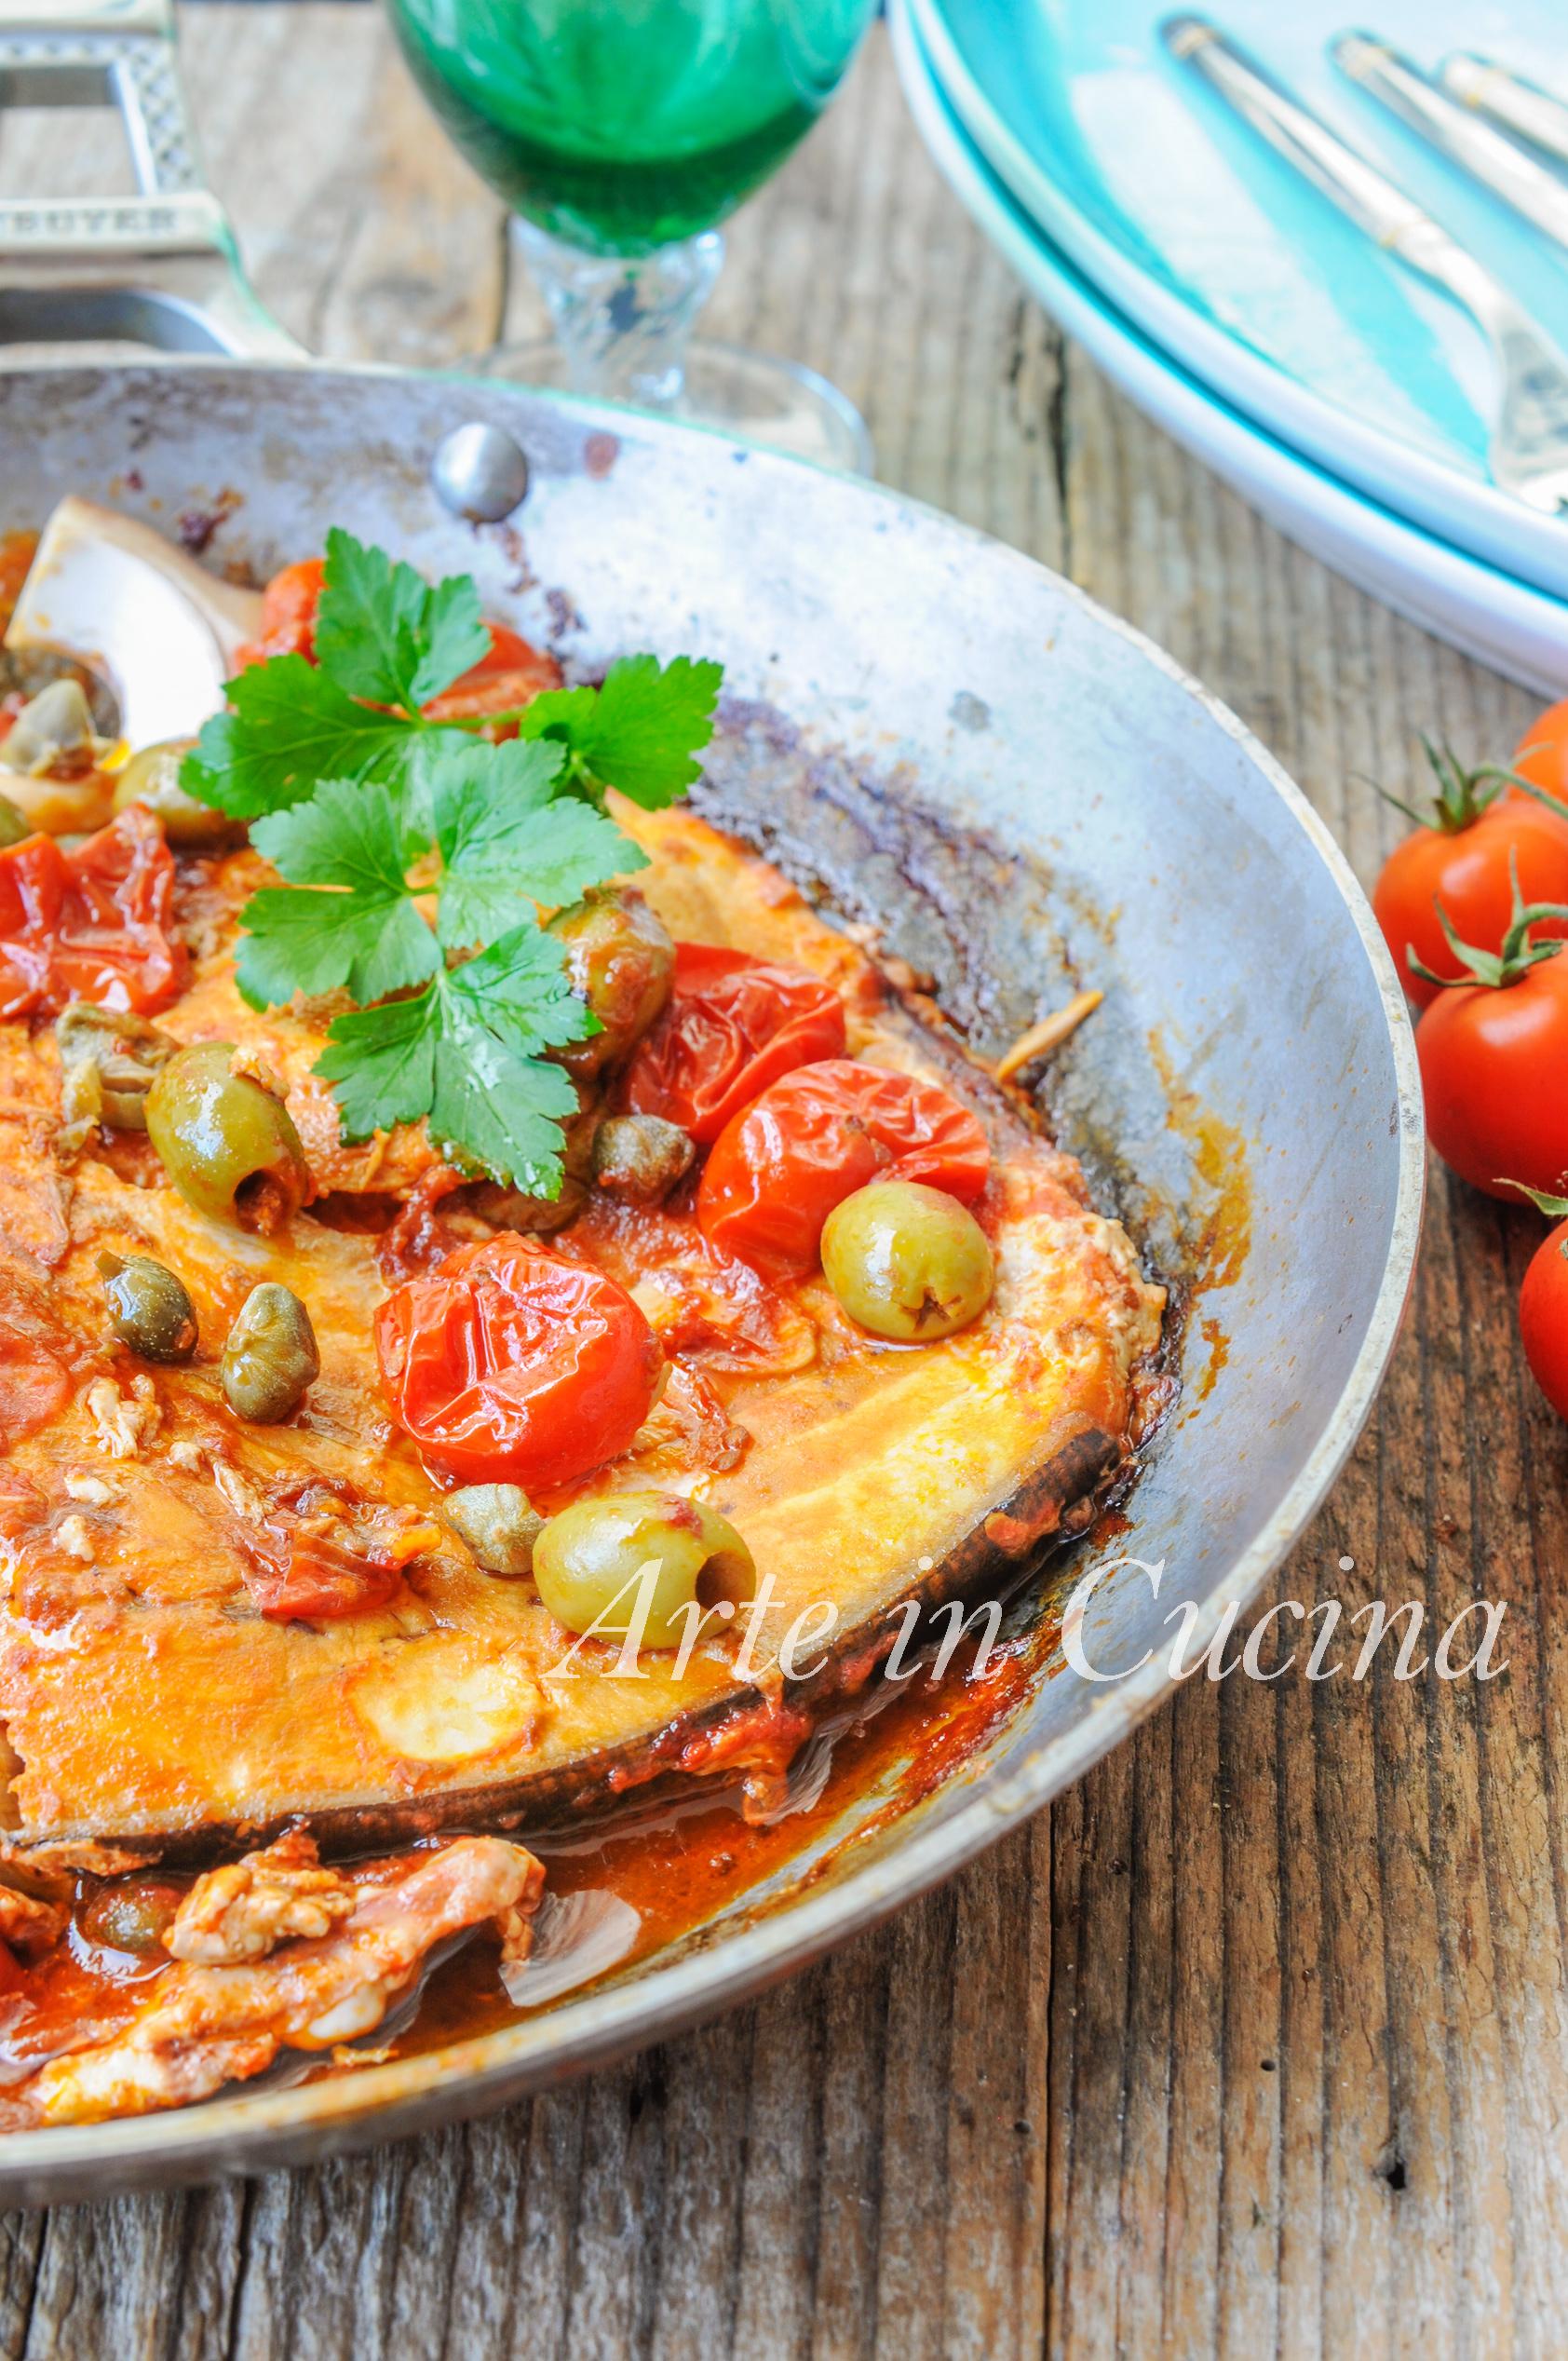 Pesce spada alla siciliana in padella ricetta veloce vickyart arte in cucina